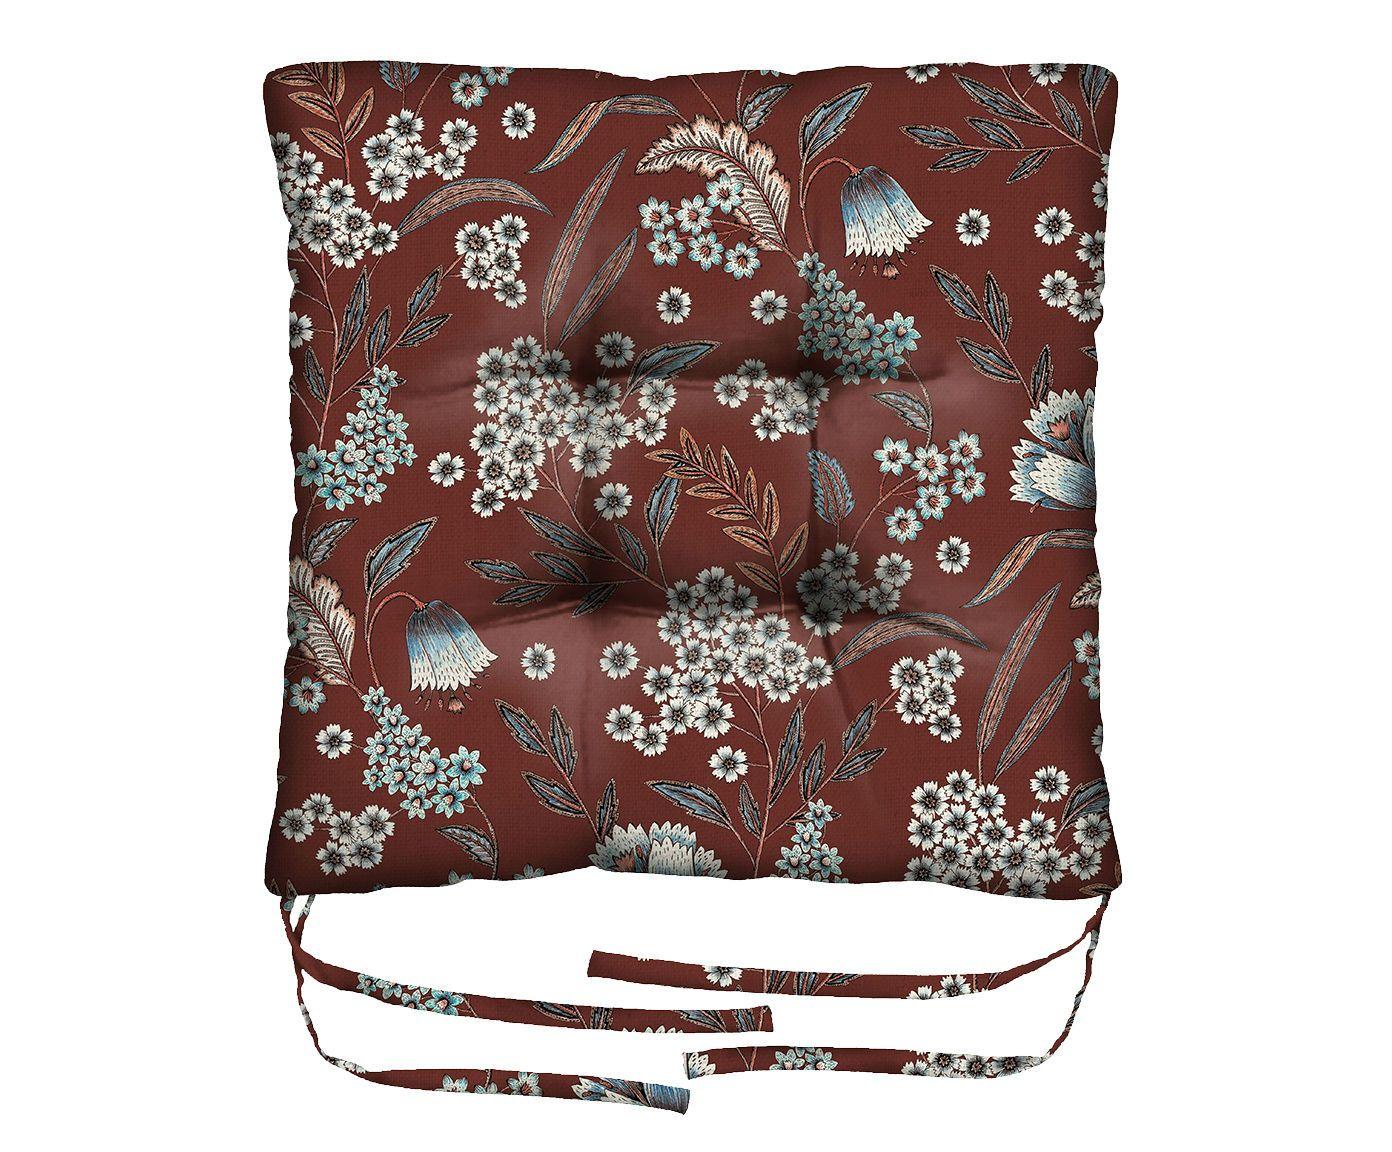 Assento de Cadeira em Linho Misto Canes Venatici - 45X45cm   Westwing.com.br